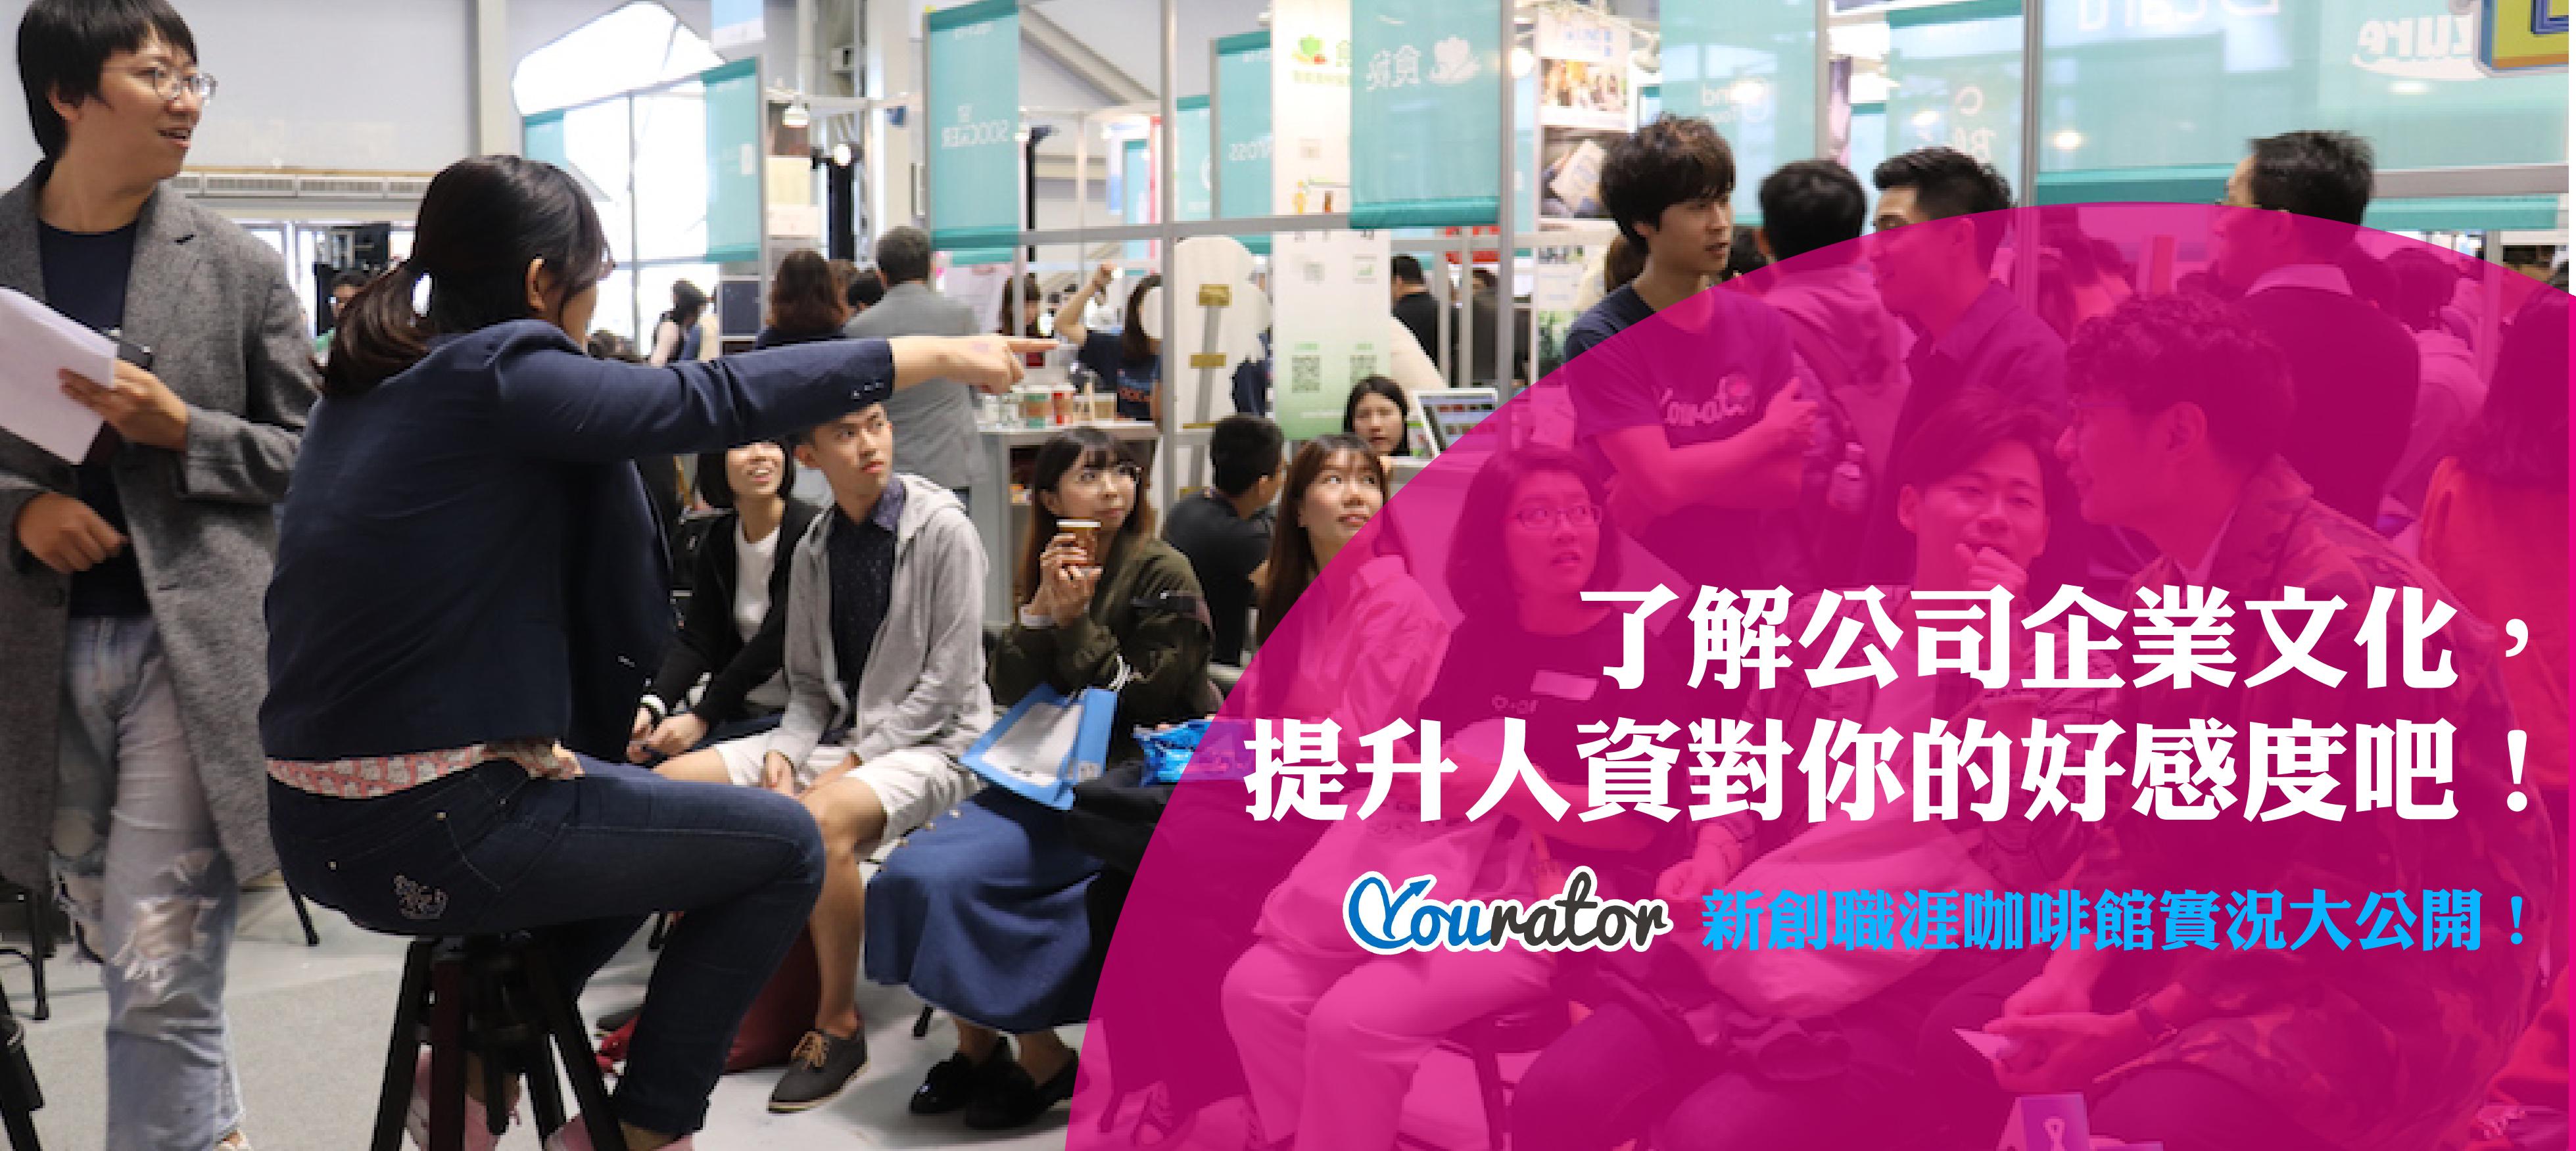 想加入 Dcard、Pinkoi 這些知名新創?先來了解他們的企業文化,提升人資對你的好感度吧!